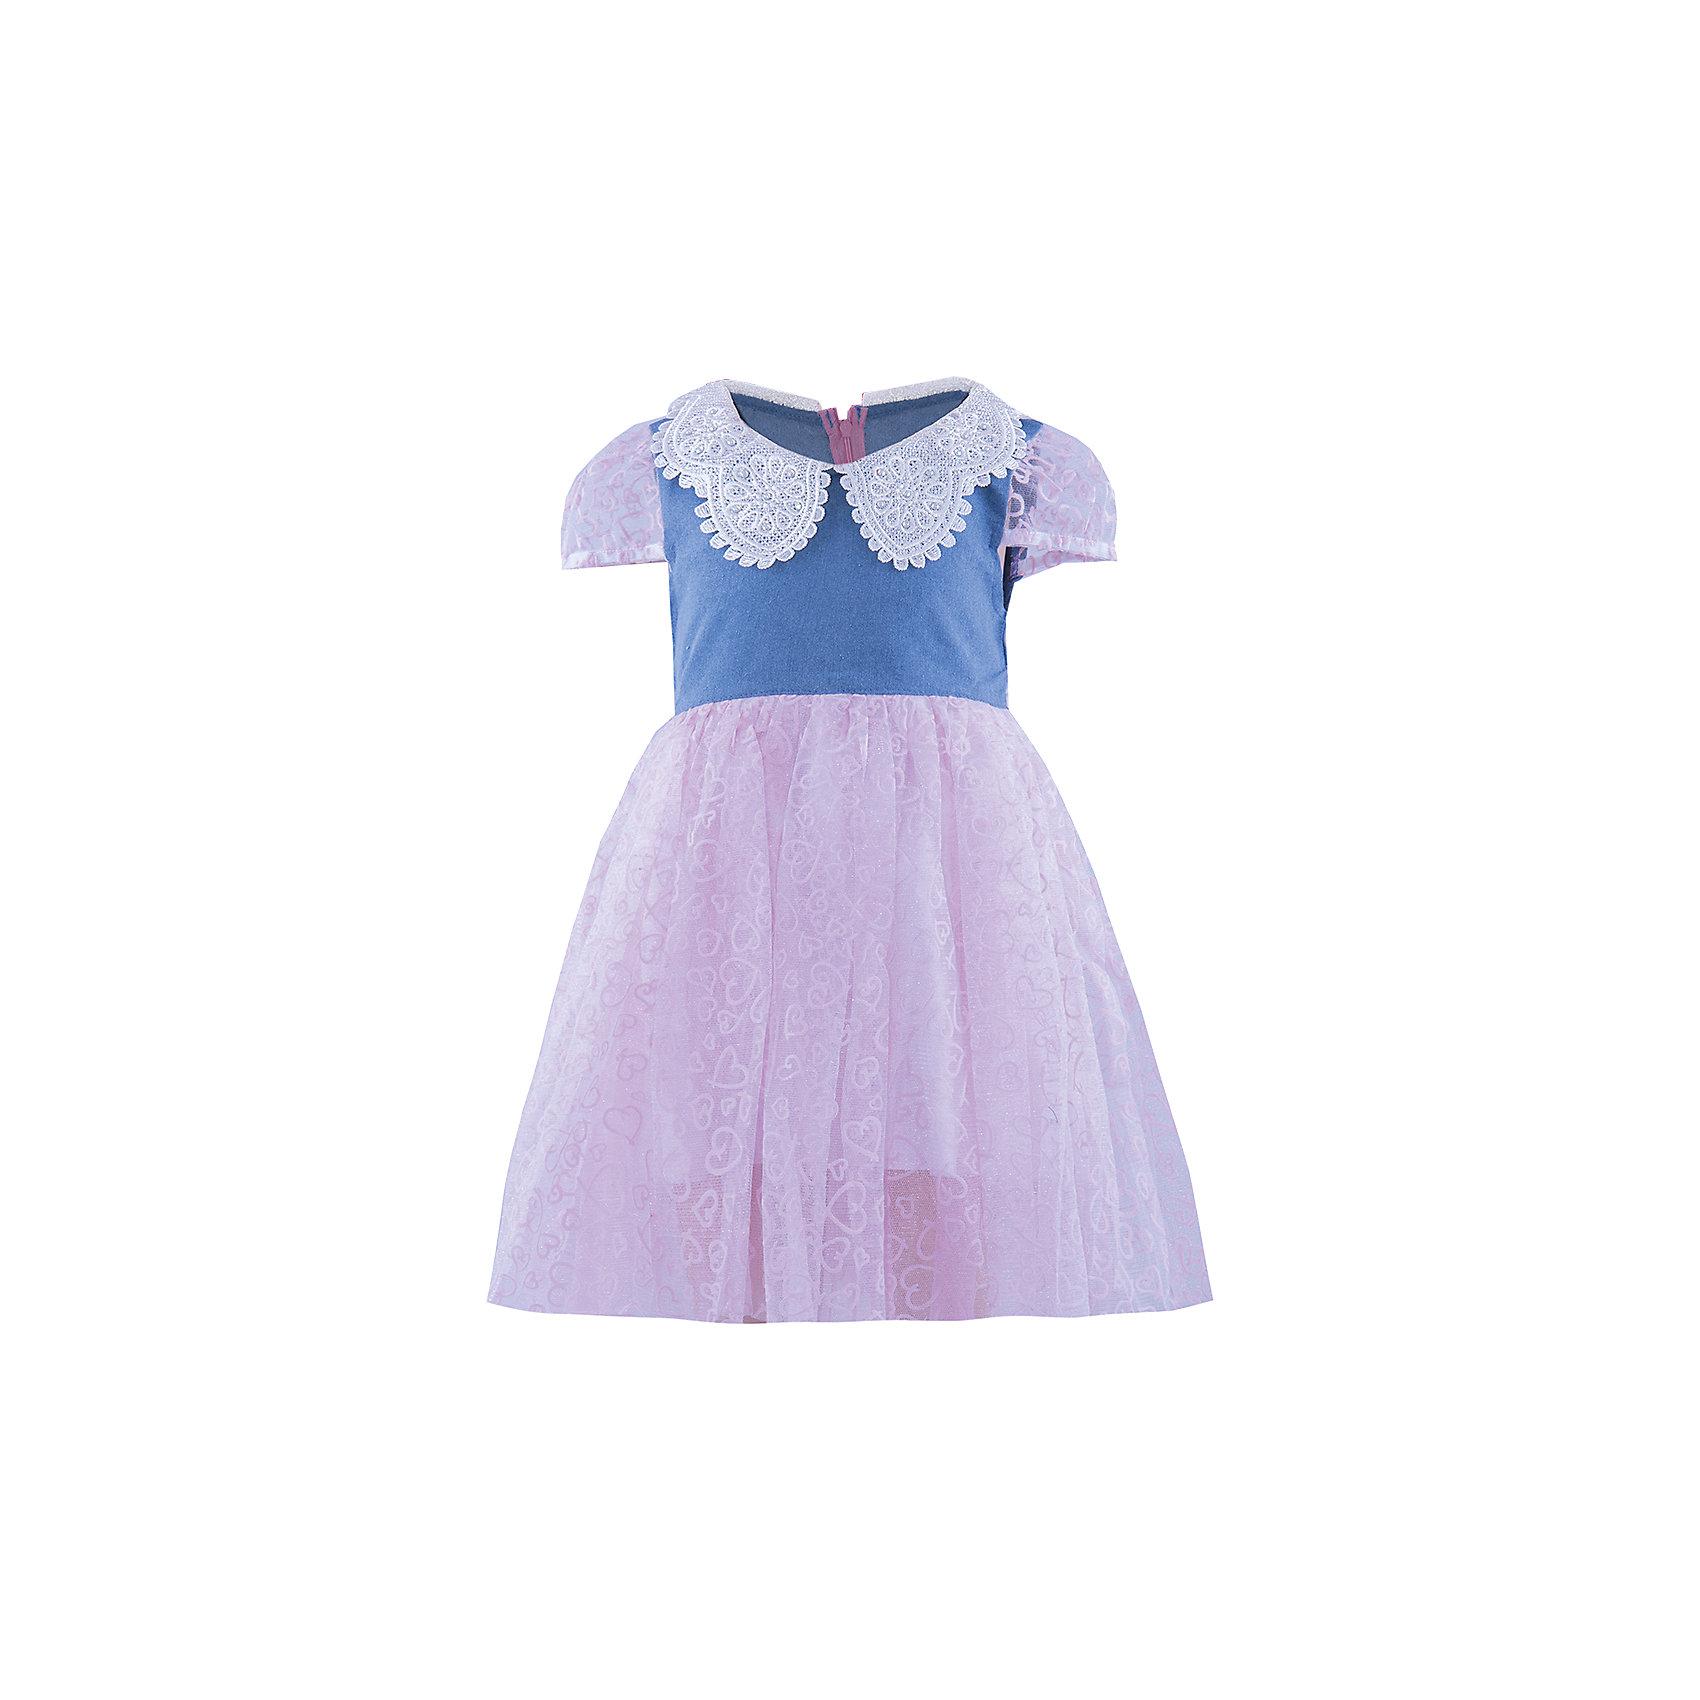 Нарядное платье ВенераНарядное платье для девочки от бренда Венера<br><br>Модное платье отлично подойдет для праздника или похода в гости. В любой ситуации ребенок   в нем будет выглядеть достойно, а чувствовать себя - комфортно.<br><br>Особенности модели:<br><br>- состав: верх- 50% полиэстер 50% хлопок, подклад-100% хлопок<br>- материал - разной фактуры (верх - тонкая джинса, низ - многослойный);<br>- цвет - синий, розовый;<br>- отложной воротник из кружева со стразами;<br>- рукава короткие, фонариком, из органзы;<br>- трехслойный пышный подол из органзы с набивным принтом;<br>- сзади застежка-молния;<br>- пояс из органзы сзади завязывается на бант.<br><br>Дополнительная информация:<br><br>Габариты:<br><br>длина по спинке - 55 см.<br><br>* соответствует размеру 98/104<br><br>Нарядное платье для девочки от бренда Венера можно купить в нашем магазине.<br><br>Ширина мм: 236<br>Глубина мм: 16<br>Высота мм: 184<br>Вес г: 177<br>Цвет: фиолетовый<br>Возраст от месяцев: 36<br>Возраст до месяцев: 48<br>Пол: Женский<br>Возраст: Детский<br>Размер: 98/104,92/98,104/110,110/116<br>SKU: 4322124